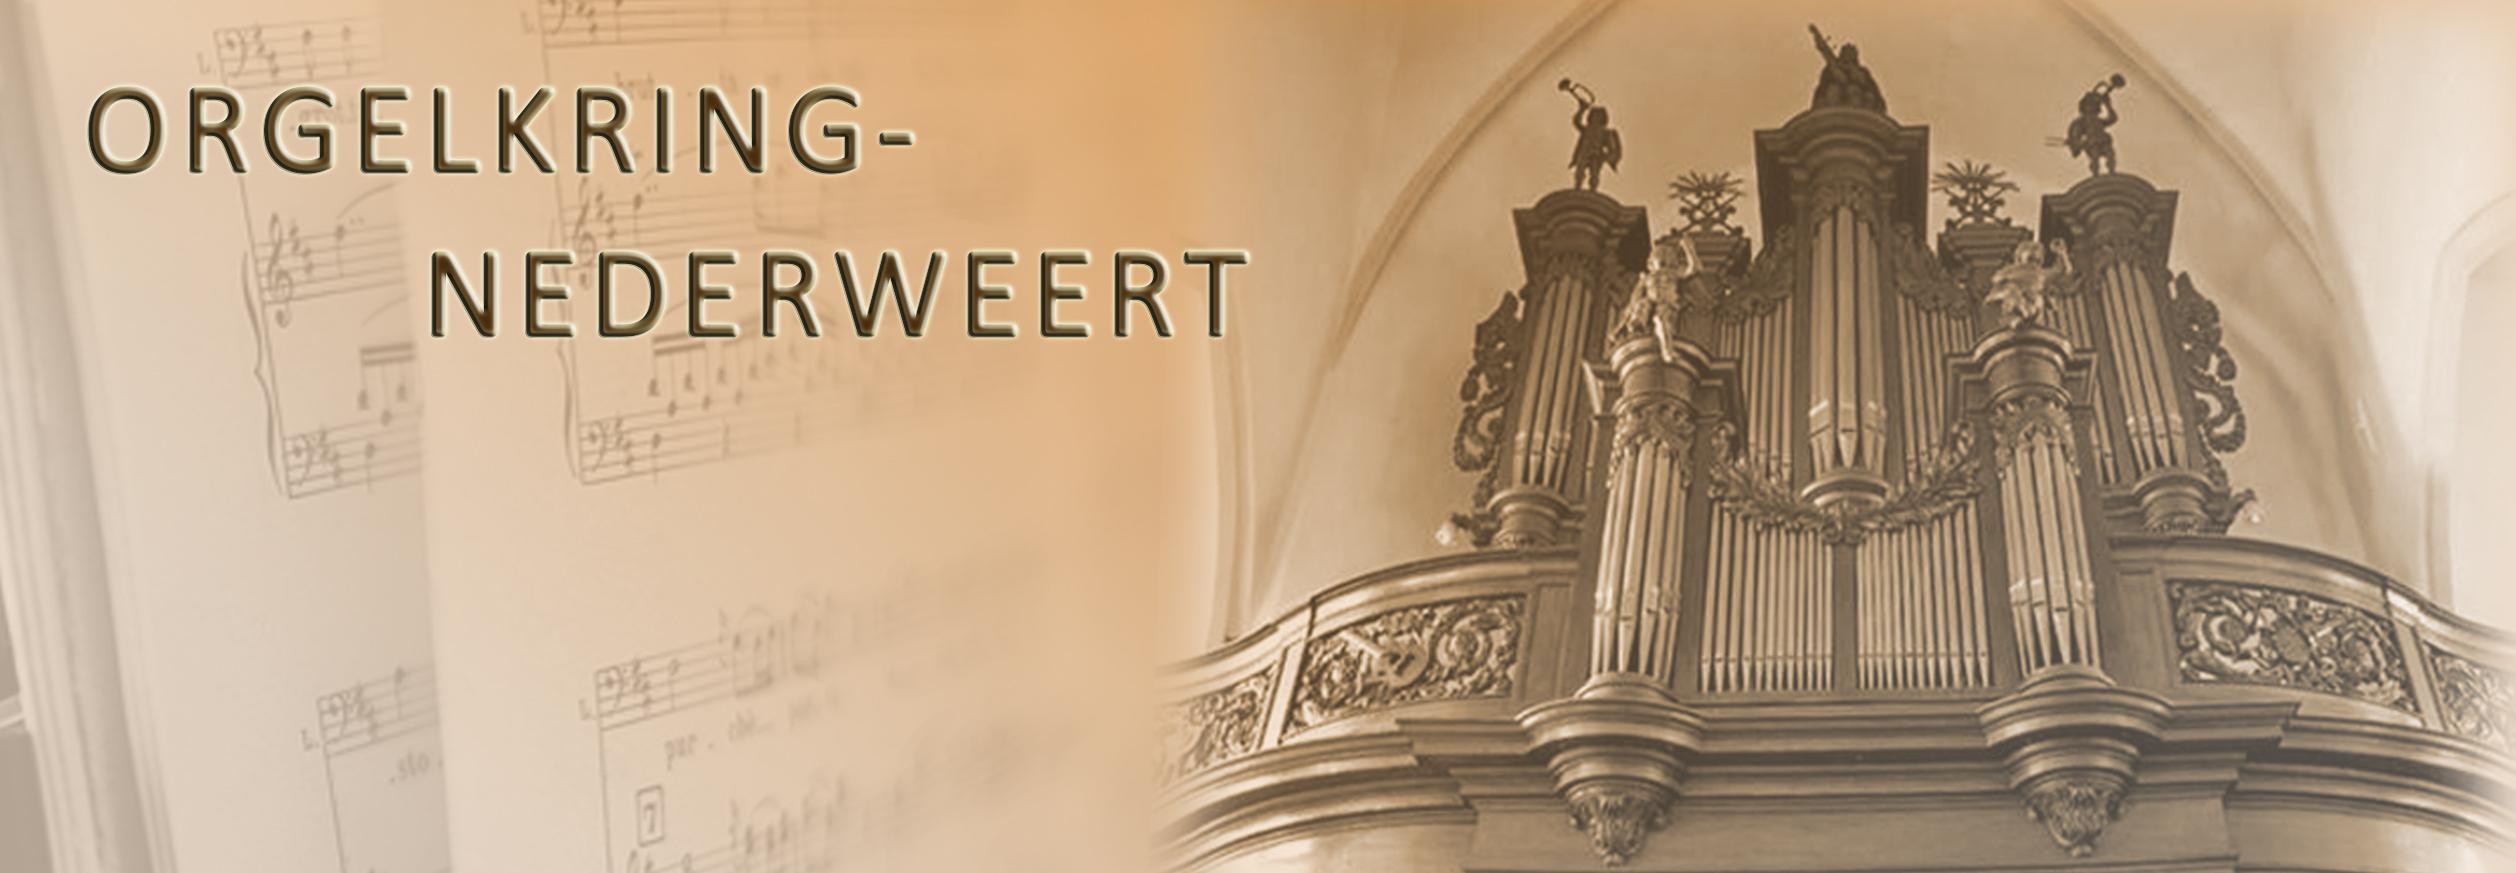 orgelkring-weert_logo